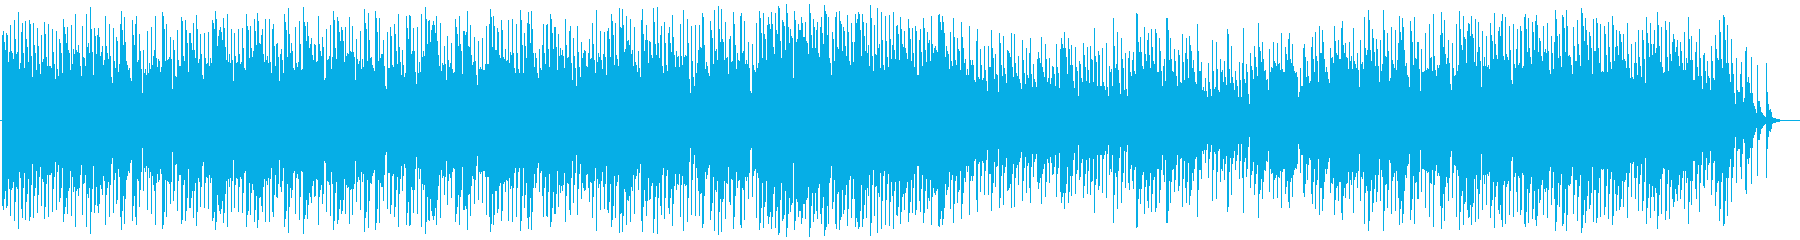 室内楽 リラックス のんびり ハープの再生済みの波形